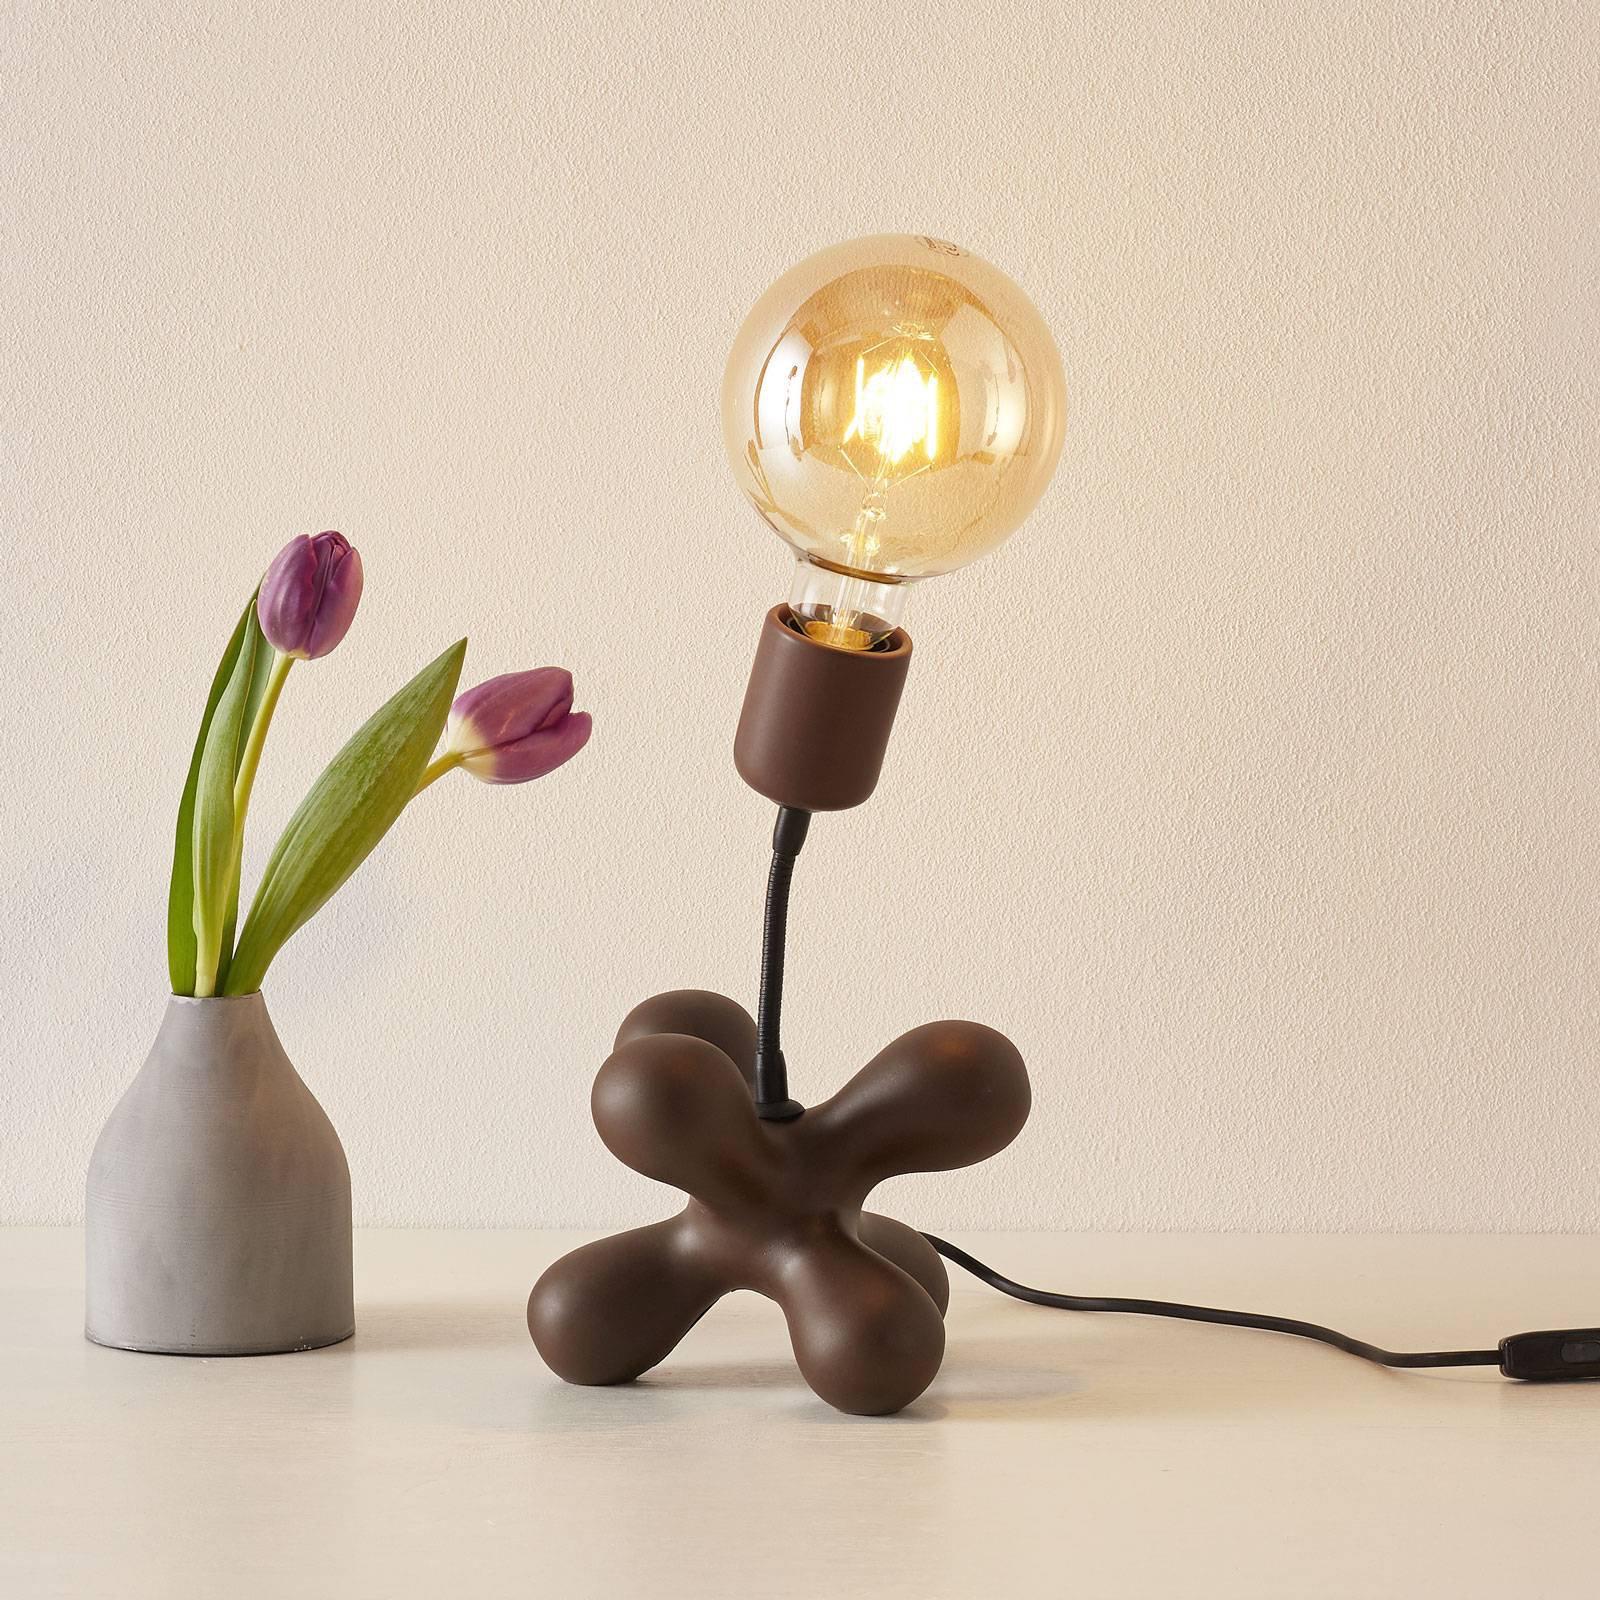 Keramisk bordlampe L182 med fleksarm, matt brun